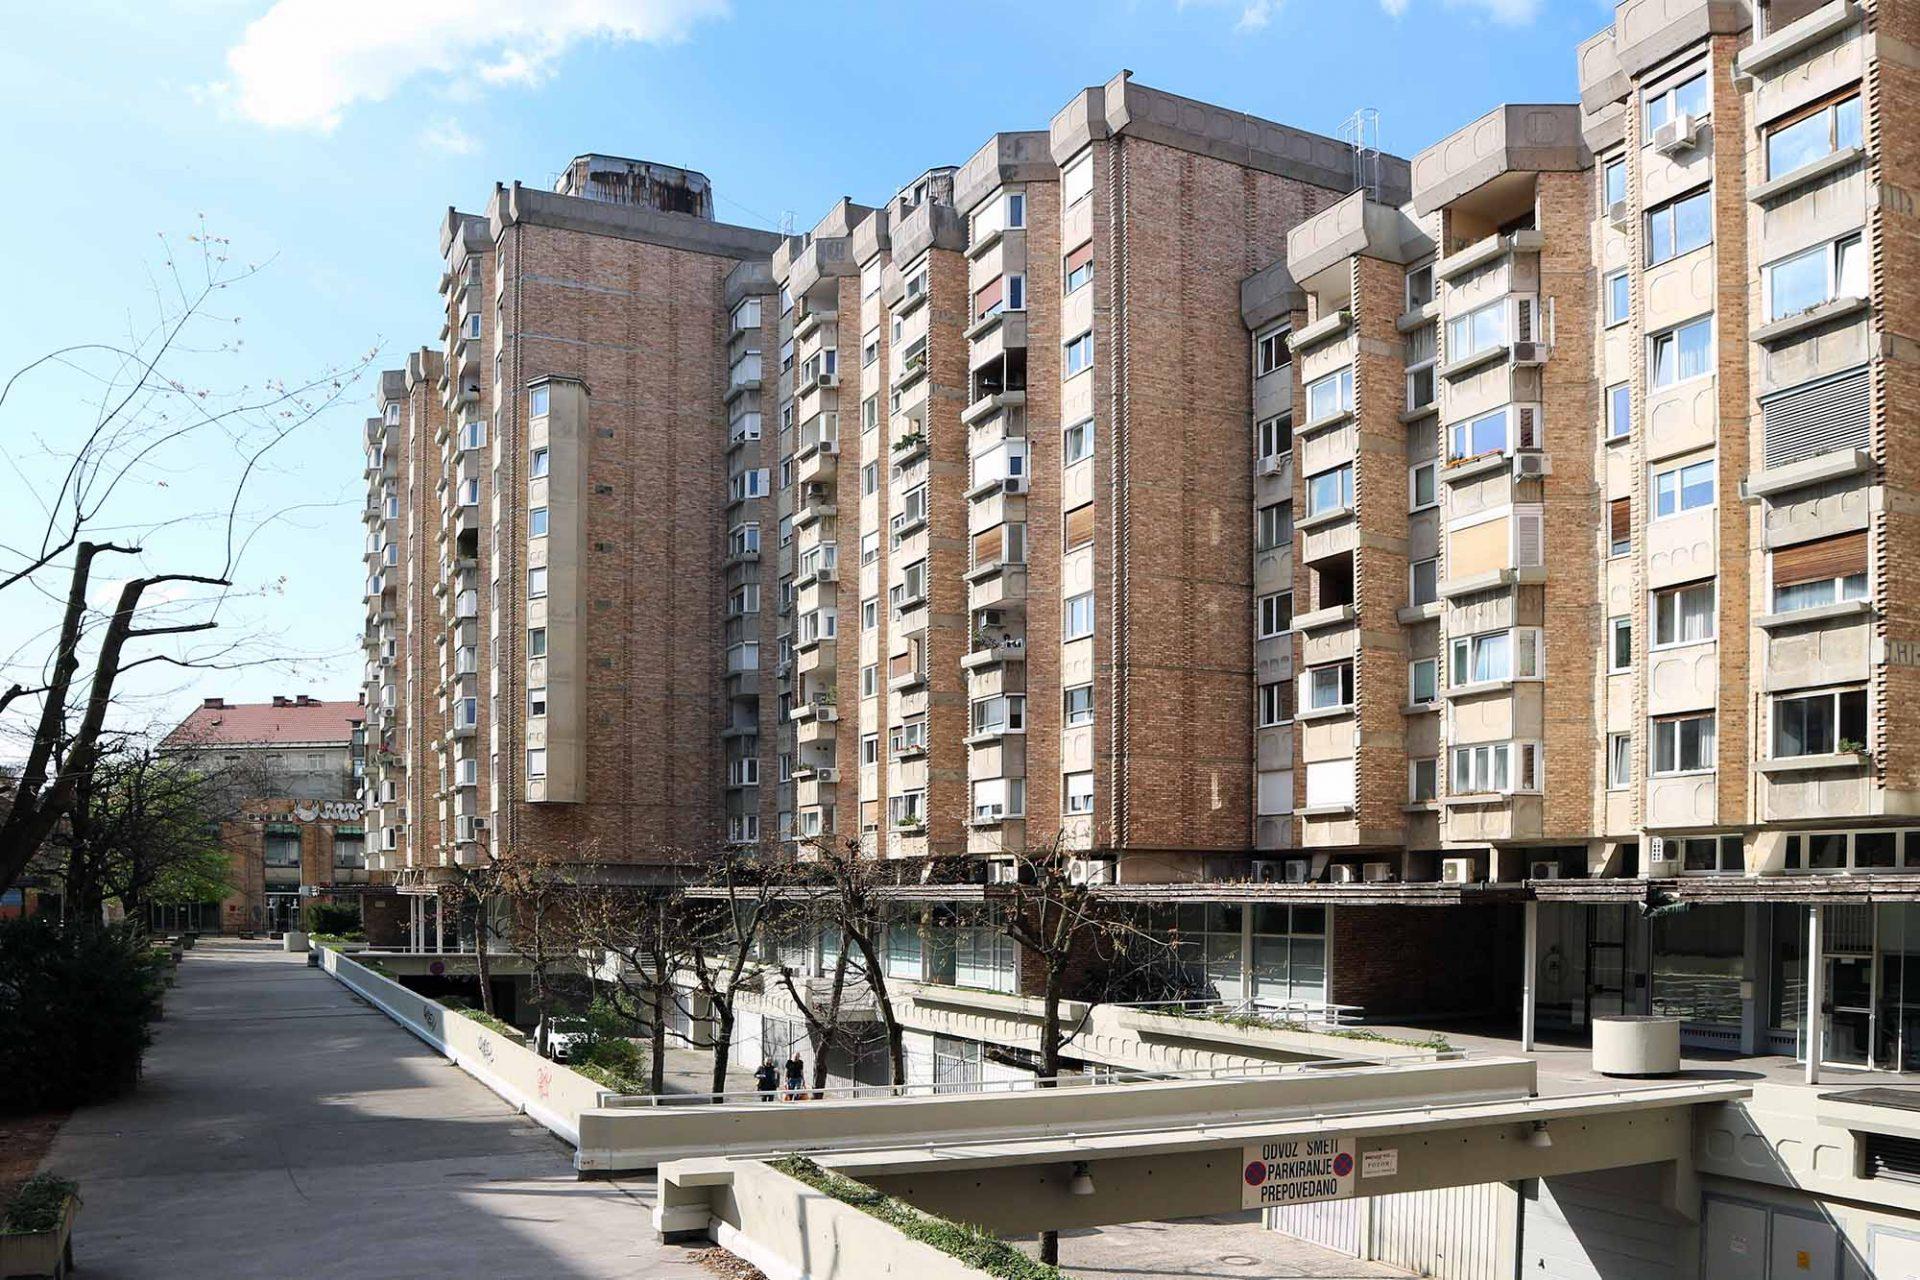 Ferantov Vrt.  Das Design ist Ausdruck von Ravnikars Kritik an den Wohnblocks, die das Wachstum und die Modernisierung der Städte in der Mitte des 20. Jahrhunderts prägten und eine Kritik an den Prinzipien der modernen Stadtplanung, die die soziale Bedeutung der offenen Räume, Straßen und Plätze häufig nicht erkannte.